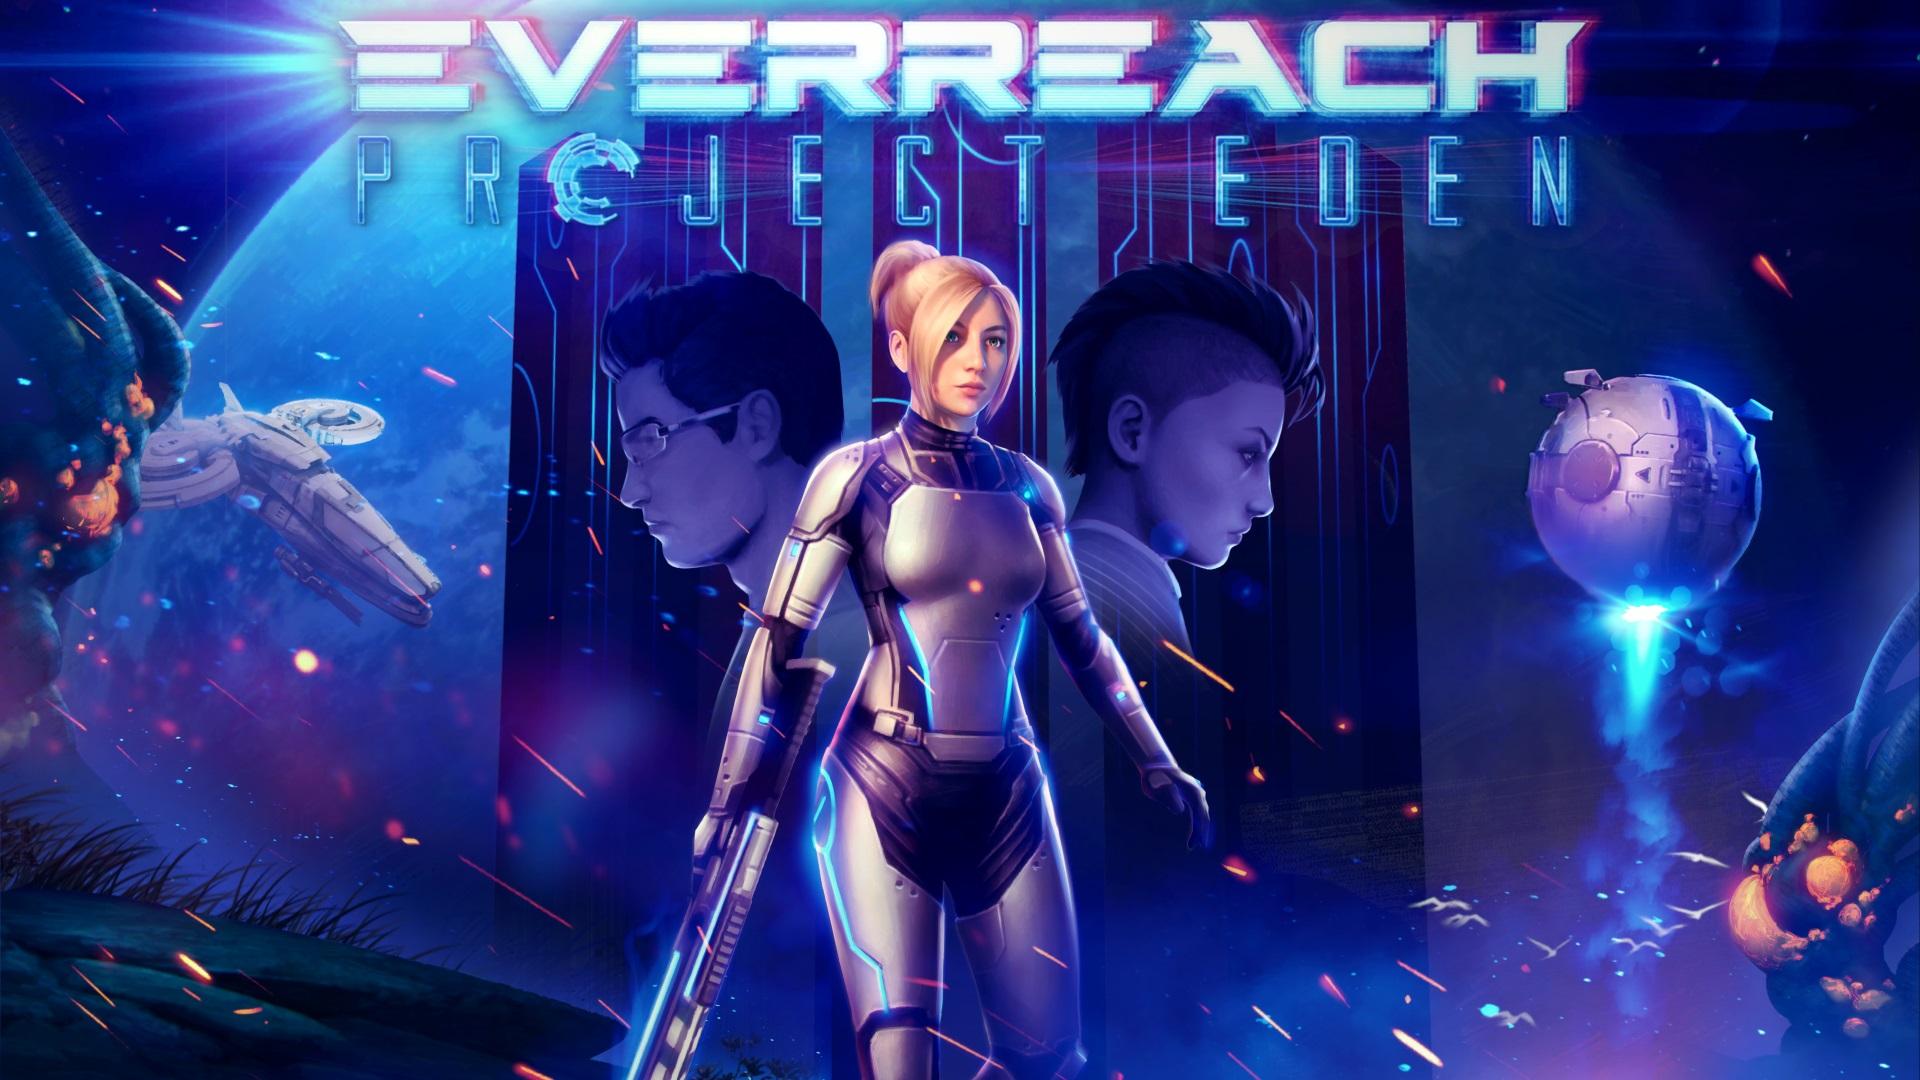 Everreach: Project Eden anunciado para PC, consoles